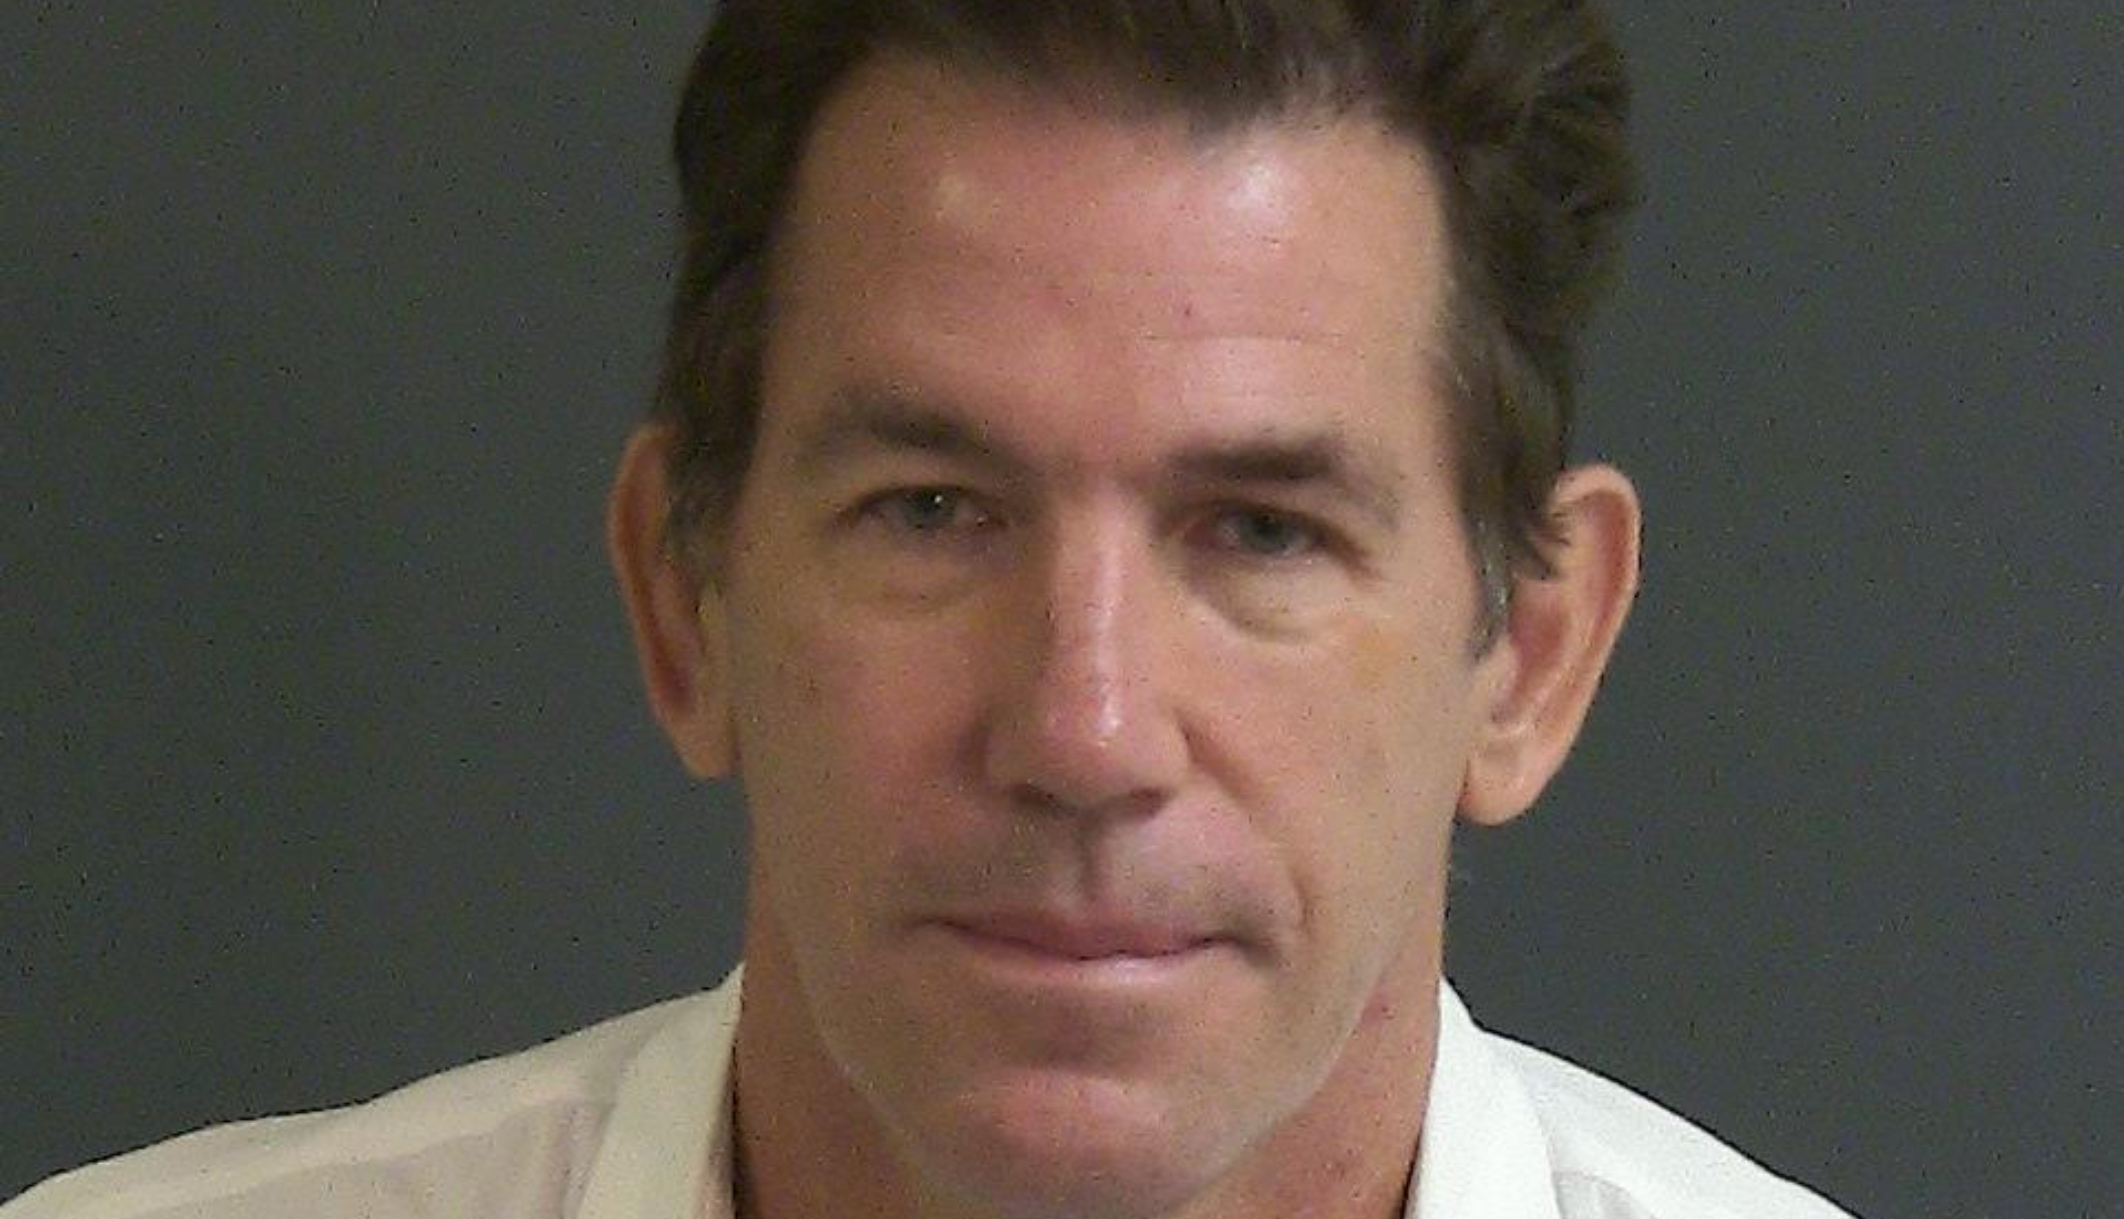 L'estrella de 'Southern Charm', Thomas Ravenel, arrestada després d'una denúncia d'agressió sexual